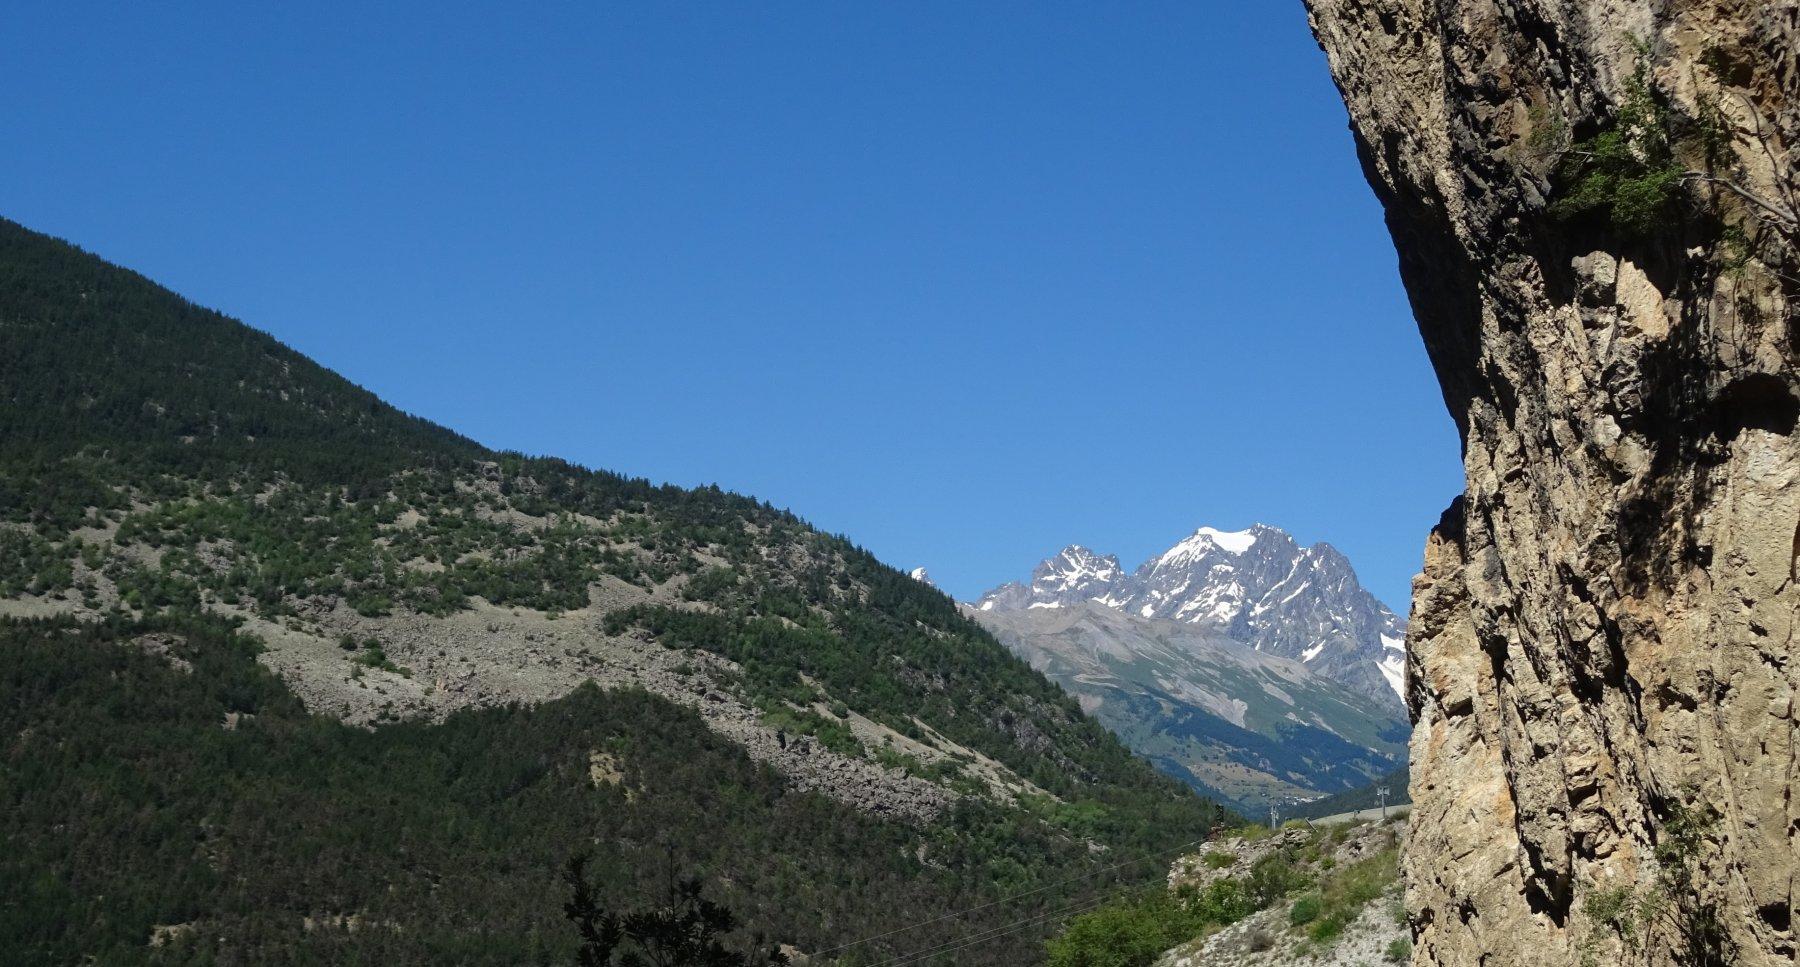 Uno sguardo fuori dal canyon